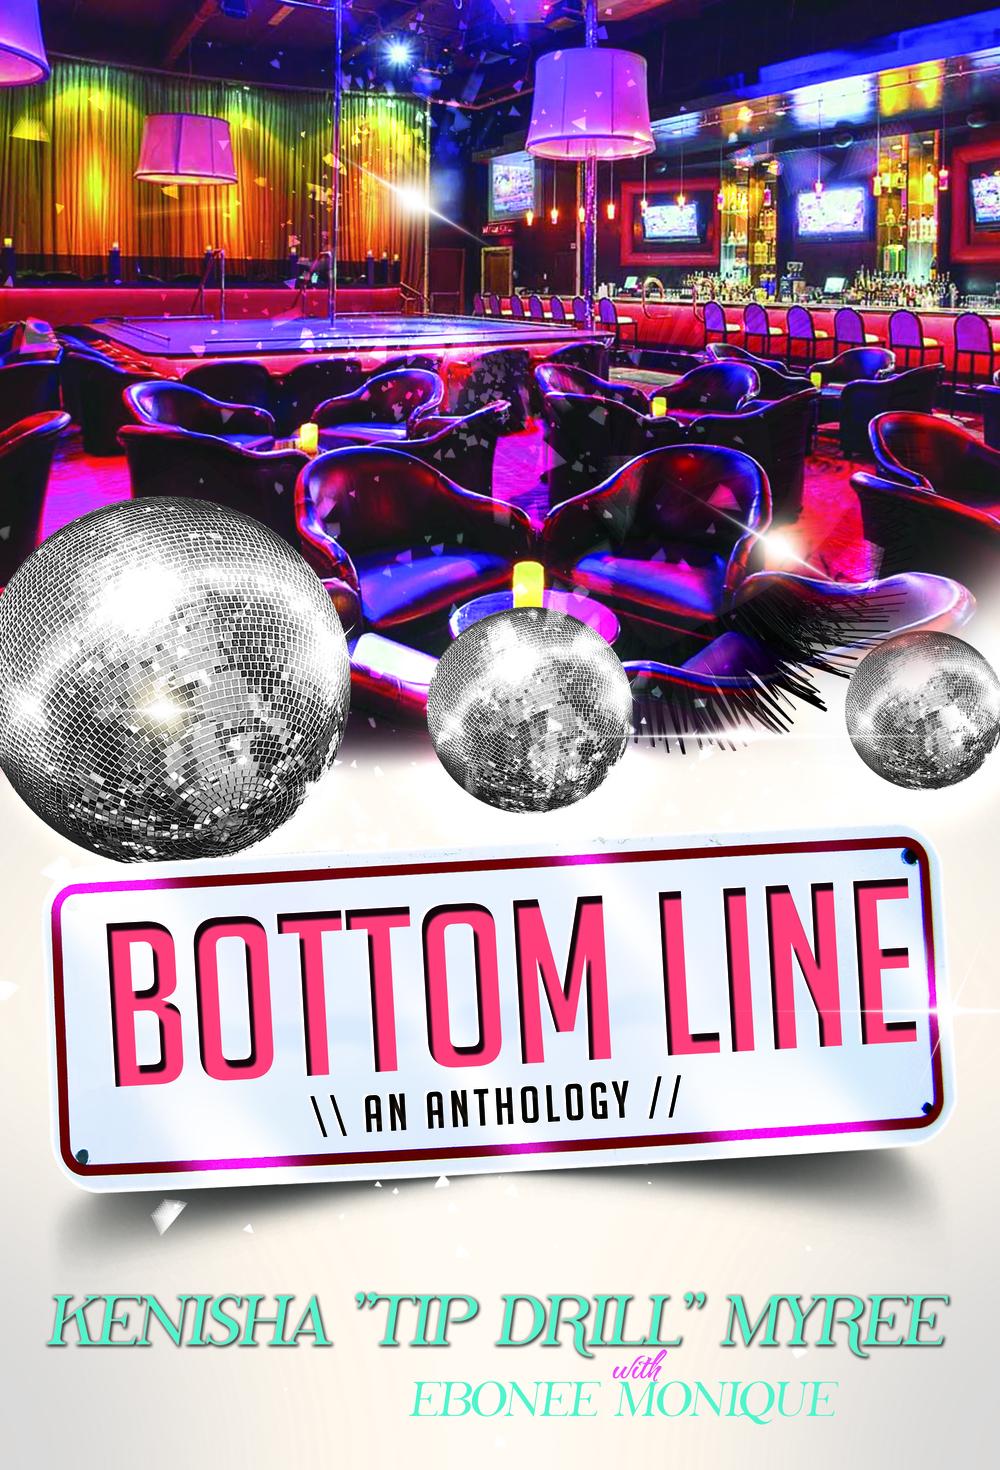 BottomLine2 (1).jpg